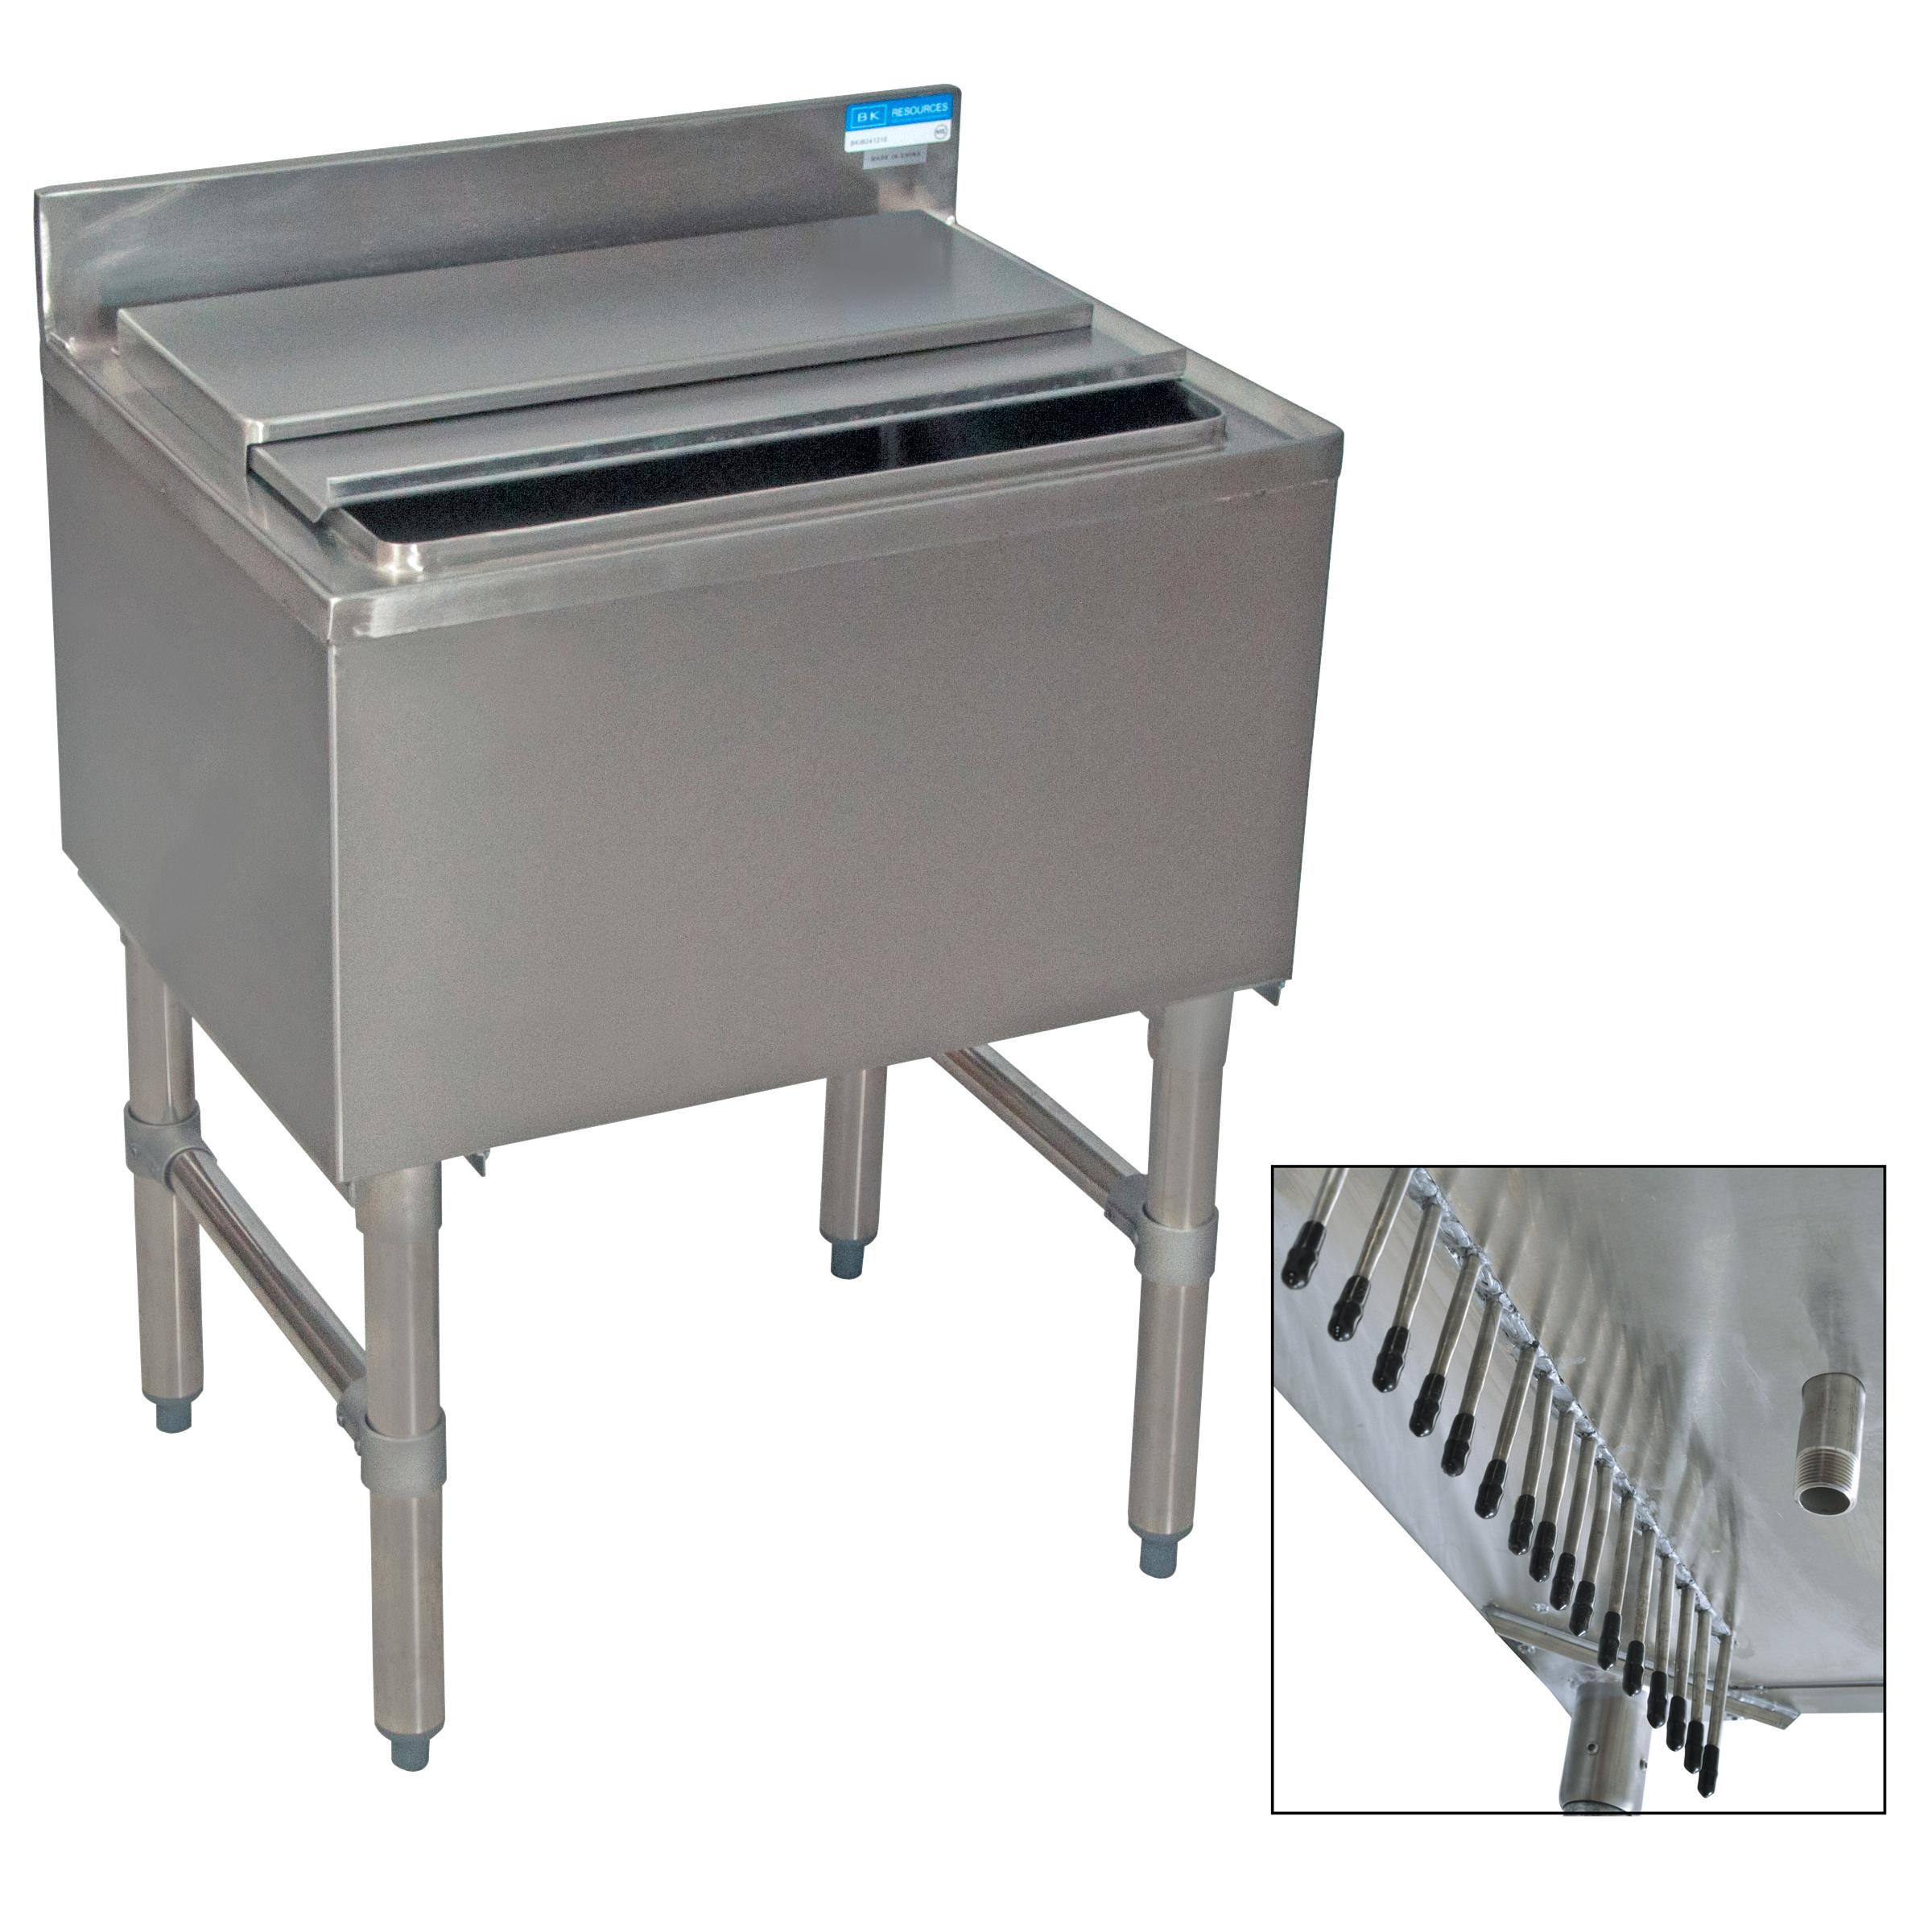 BK Resources BKIB-CP10-4812-18S underbar ice bin/cocktail unit